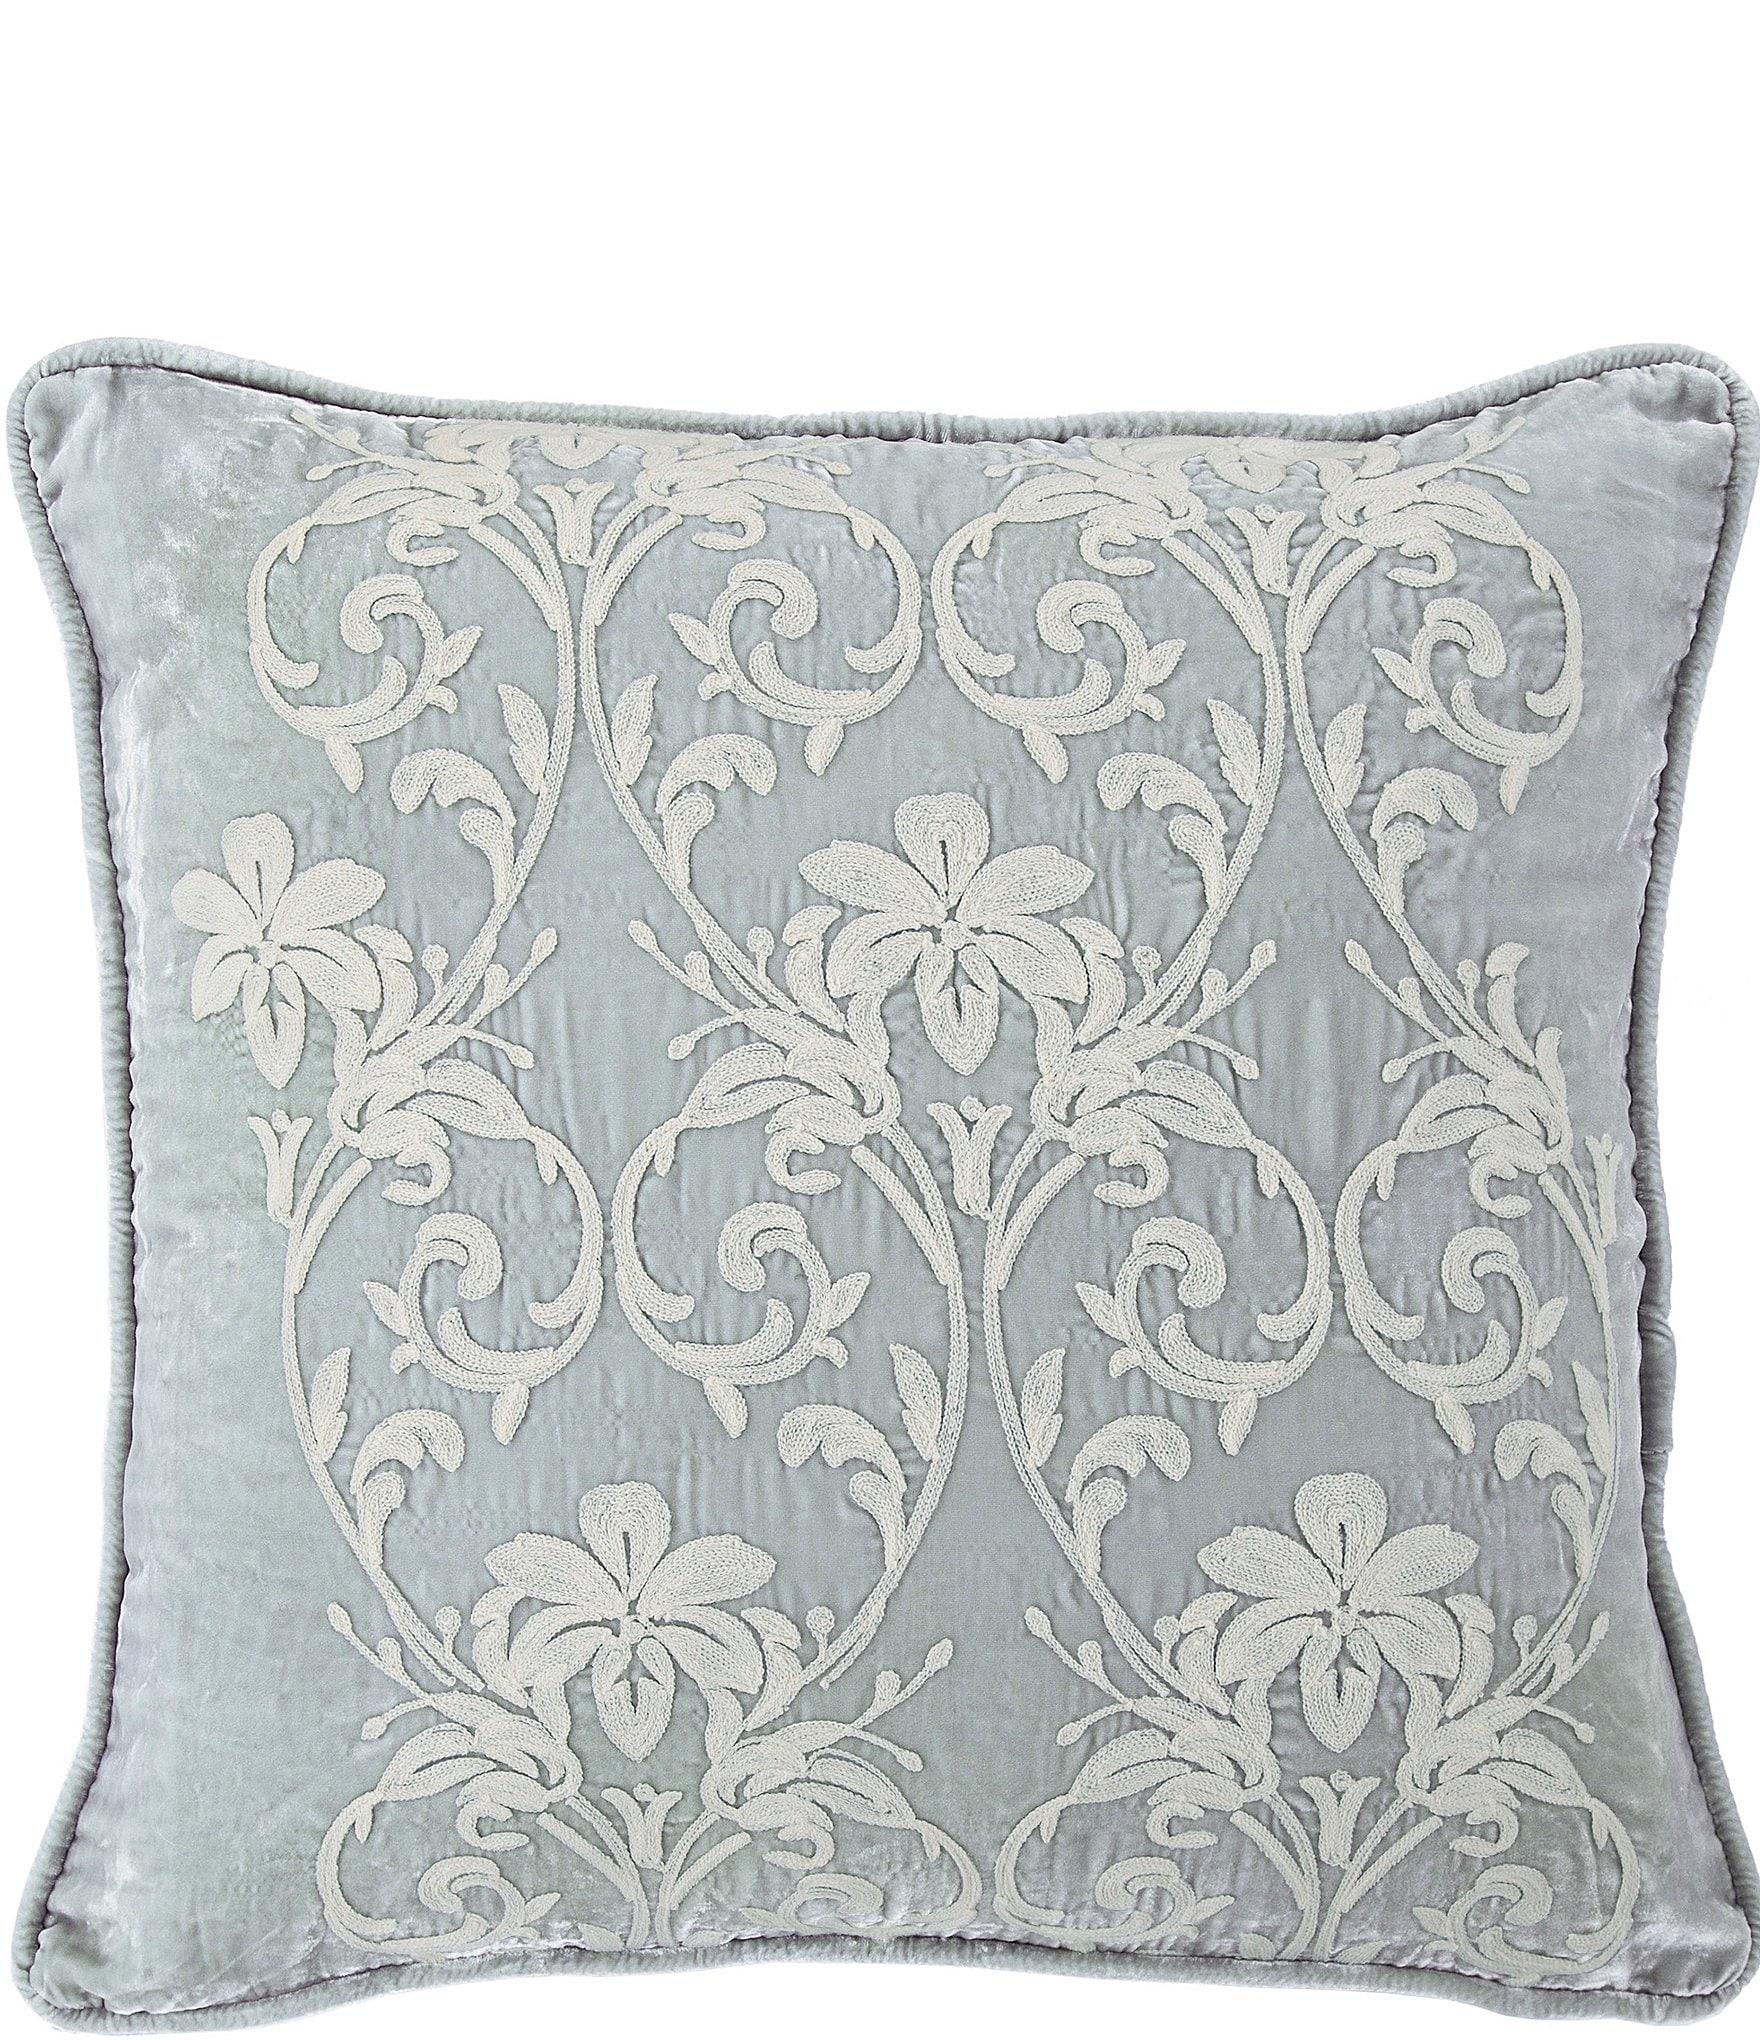 Hiend Accents Embroidery Velvet Euro Sham Dillard S